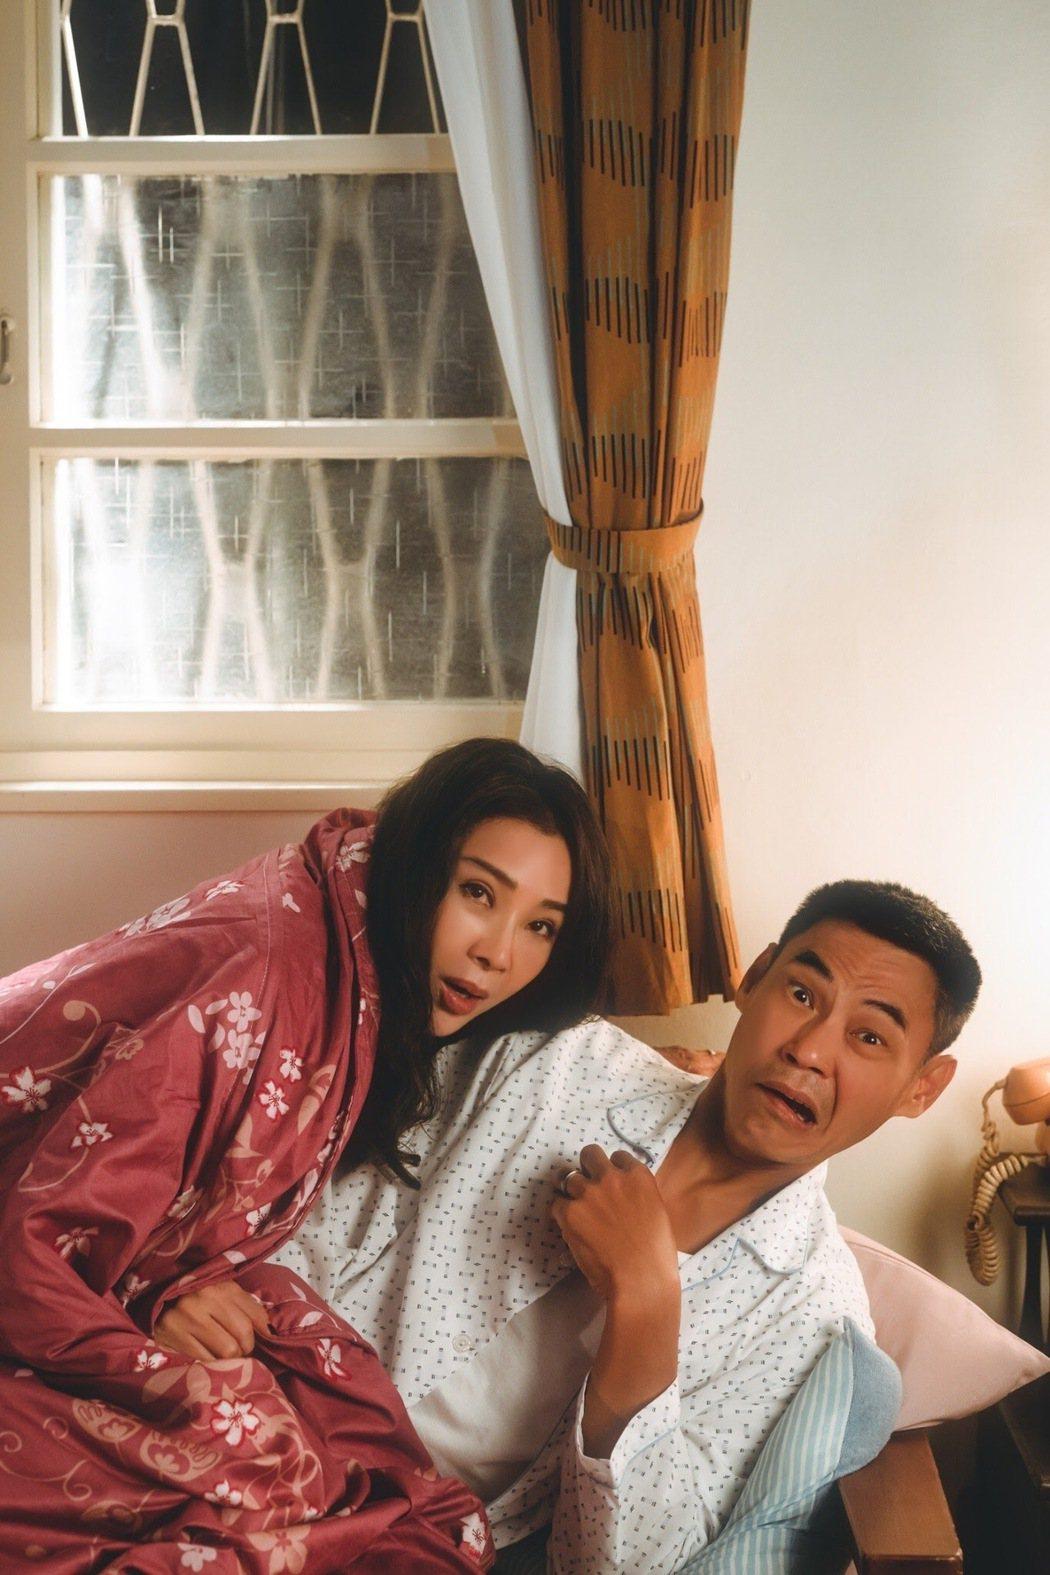 陳美鳳(左)、夏靖庭在「三春記」中有不少親密床戲。圖/民視提供